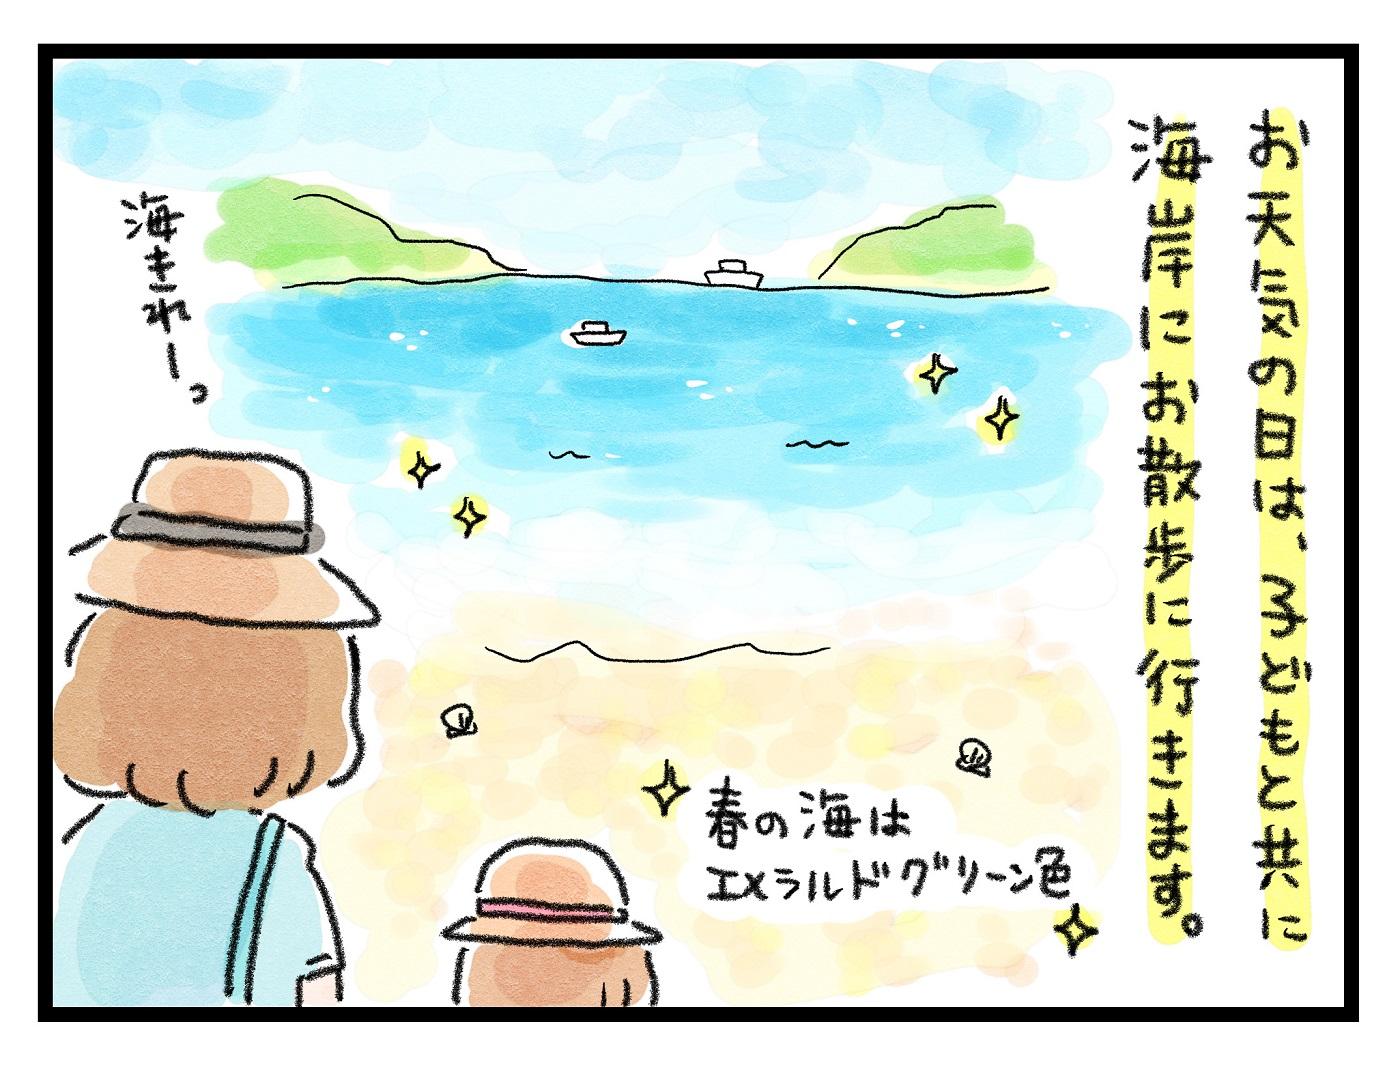 1年を通して自然と遊べる環境が魅力! 島暮らしの子育て 「海遊び編」